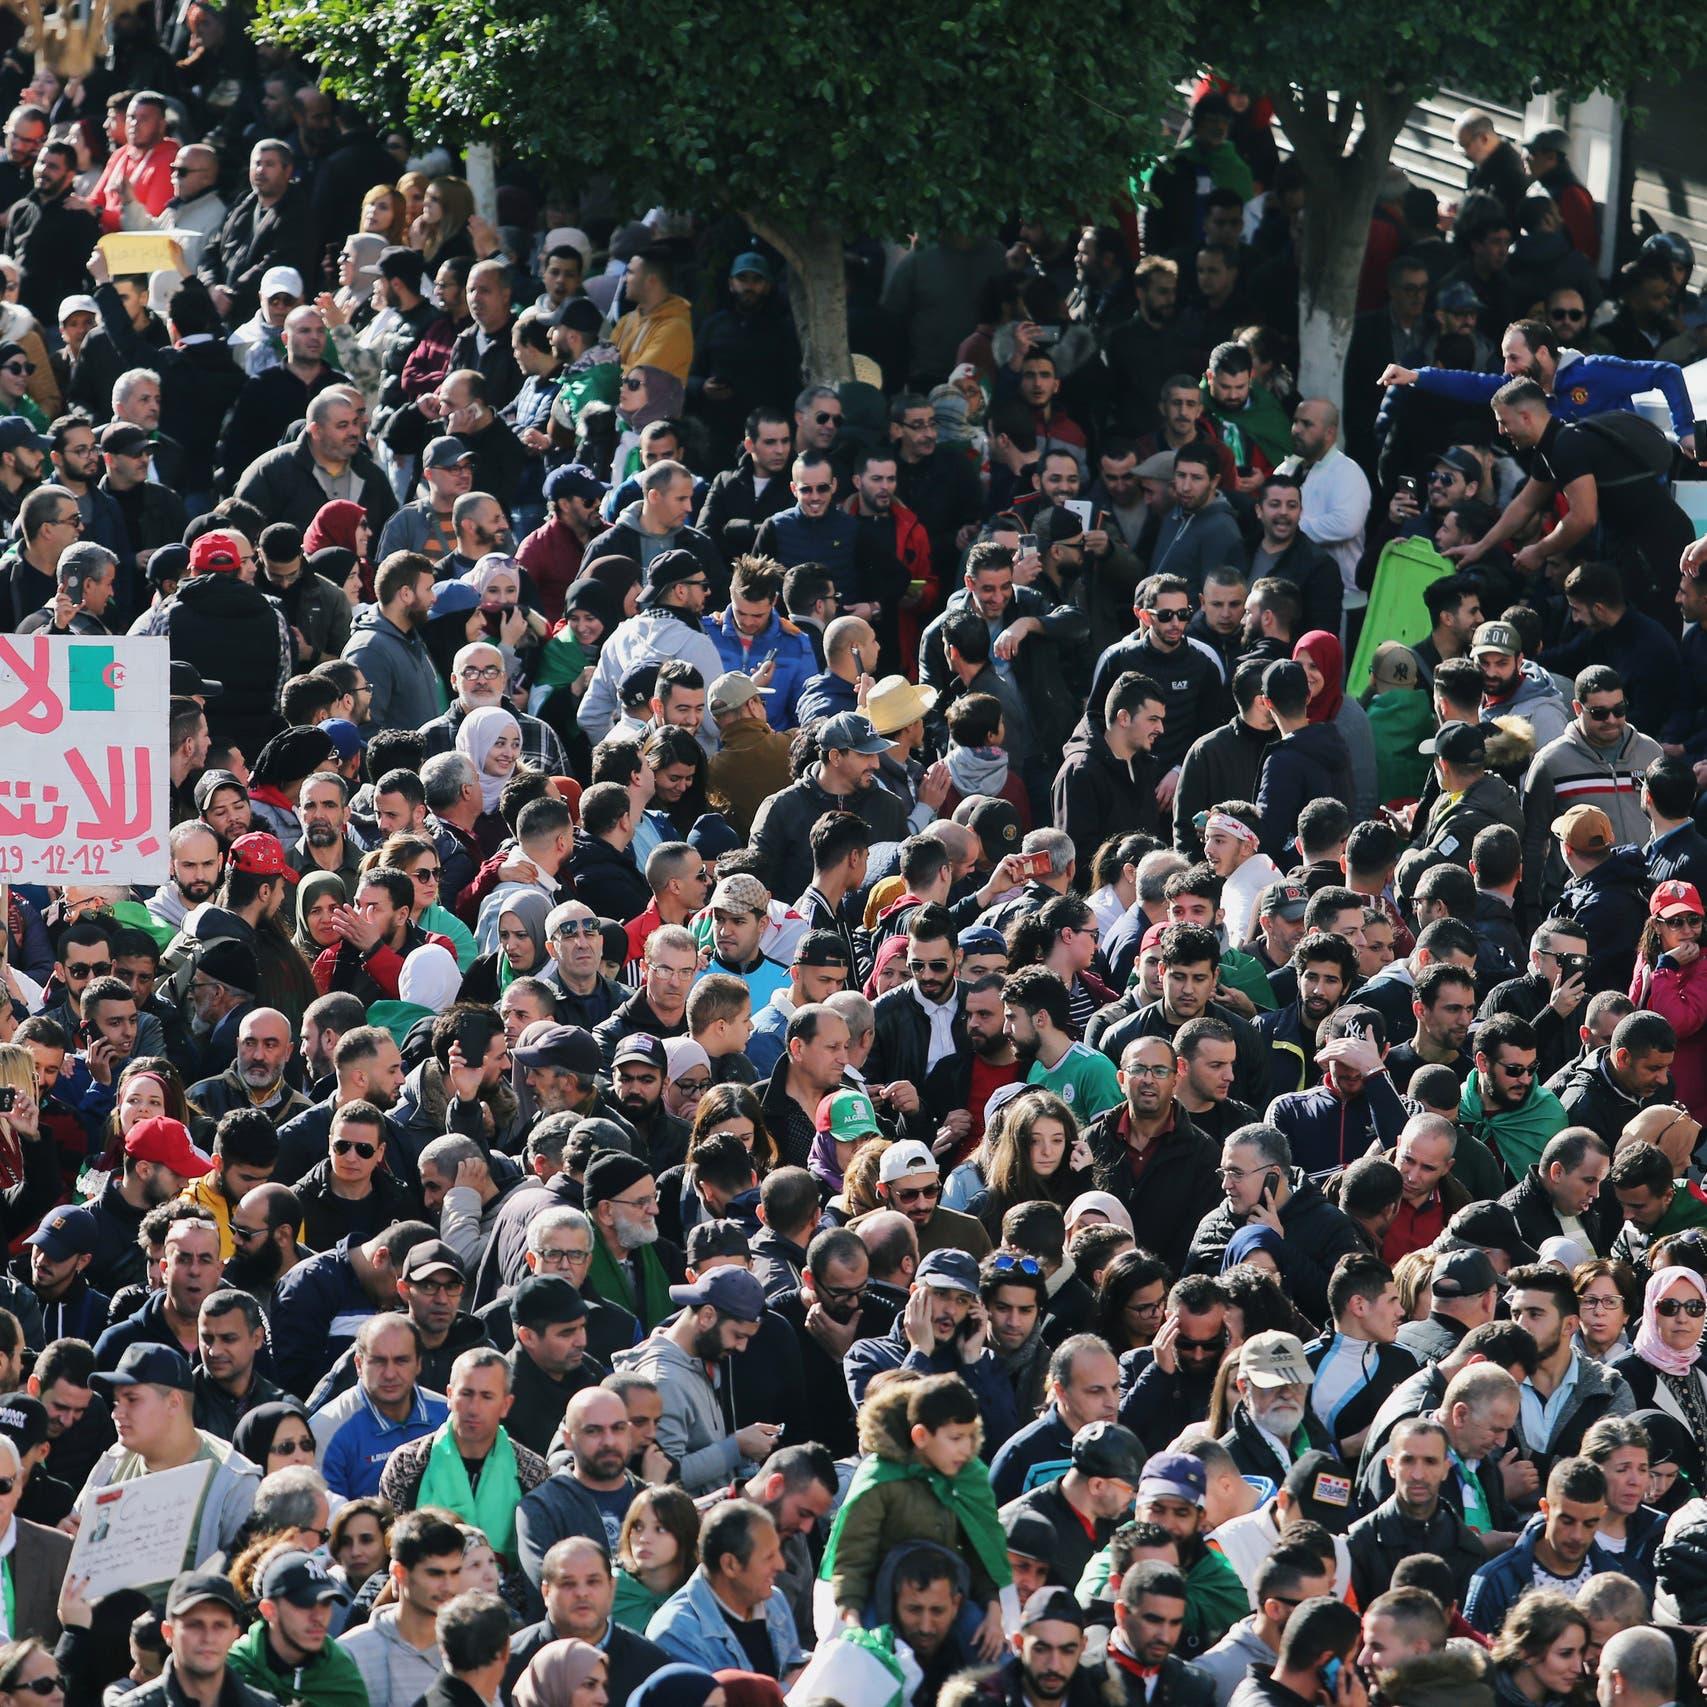 رفضاً للرئيس الجديد.. تظاهرات حاشدة في الجزائر